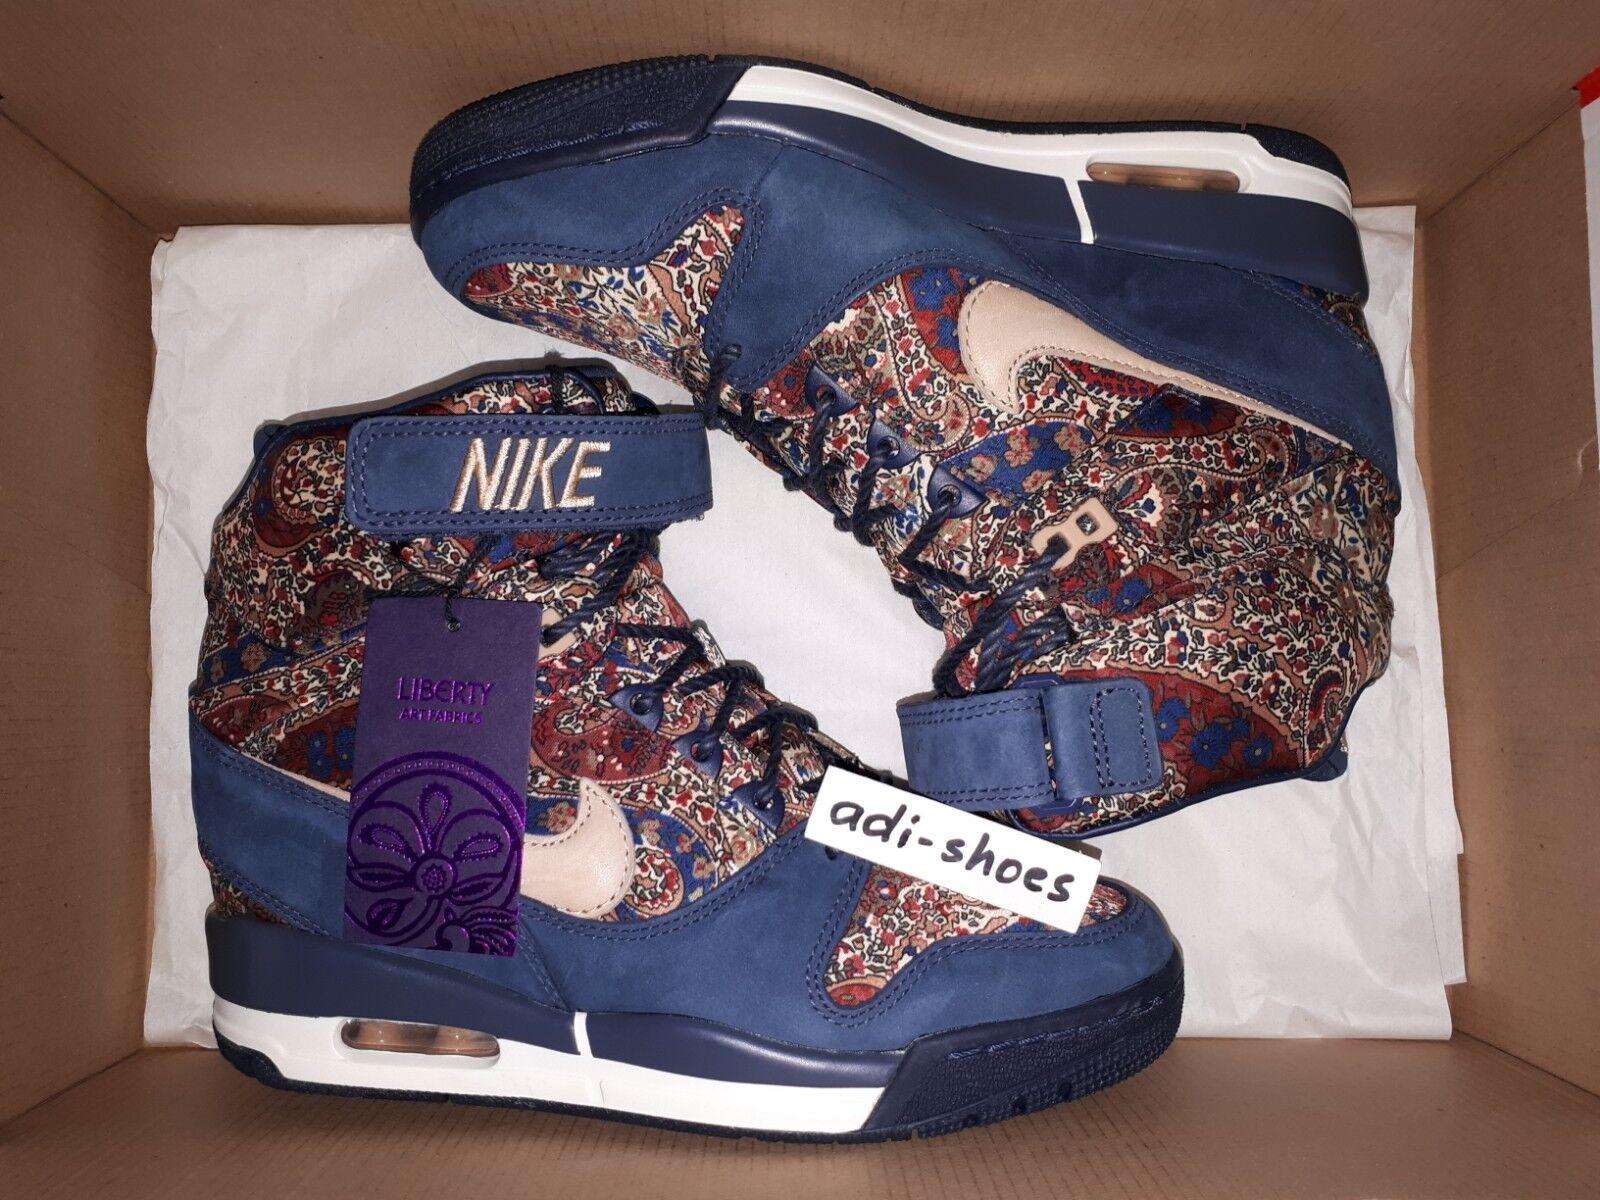 Nike Air Revolution Sky Hi Liberty of London QS g.39 g.39 g.39 us8 SP 632181 -402 Dunk City  billigt försäljning online